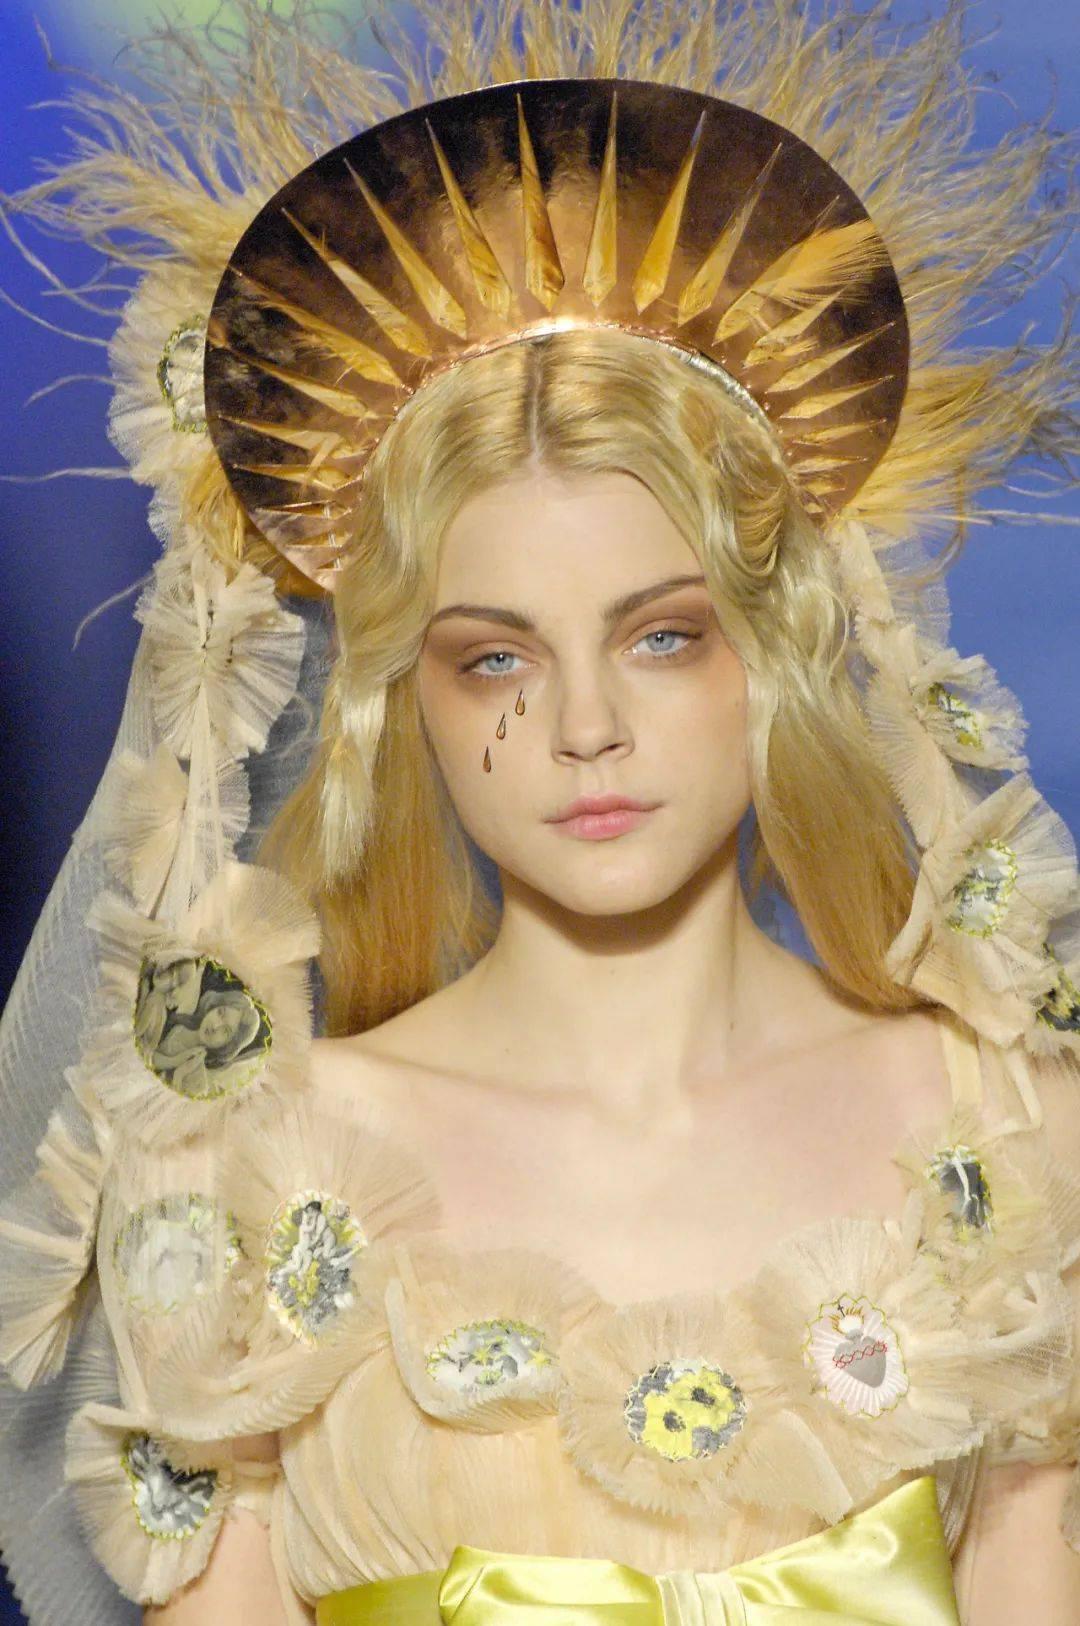 天仙下凡、野性女郎、肯德基麦当劳女士……5场惊艳封神的服装大秀